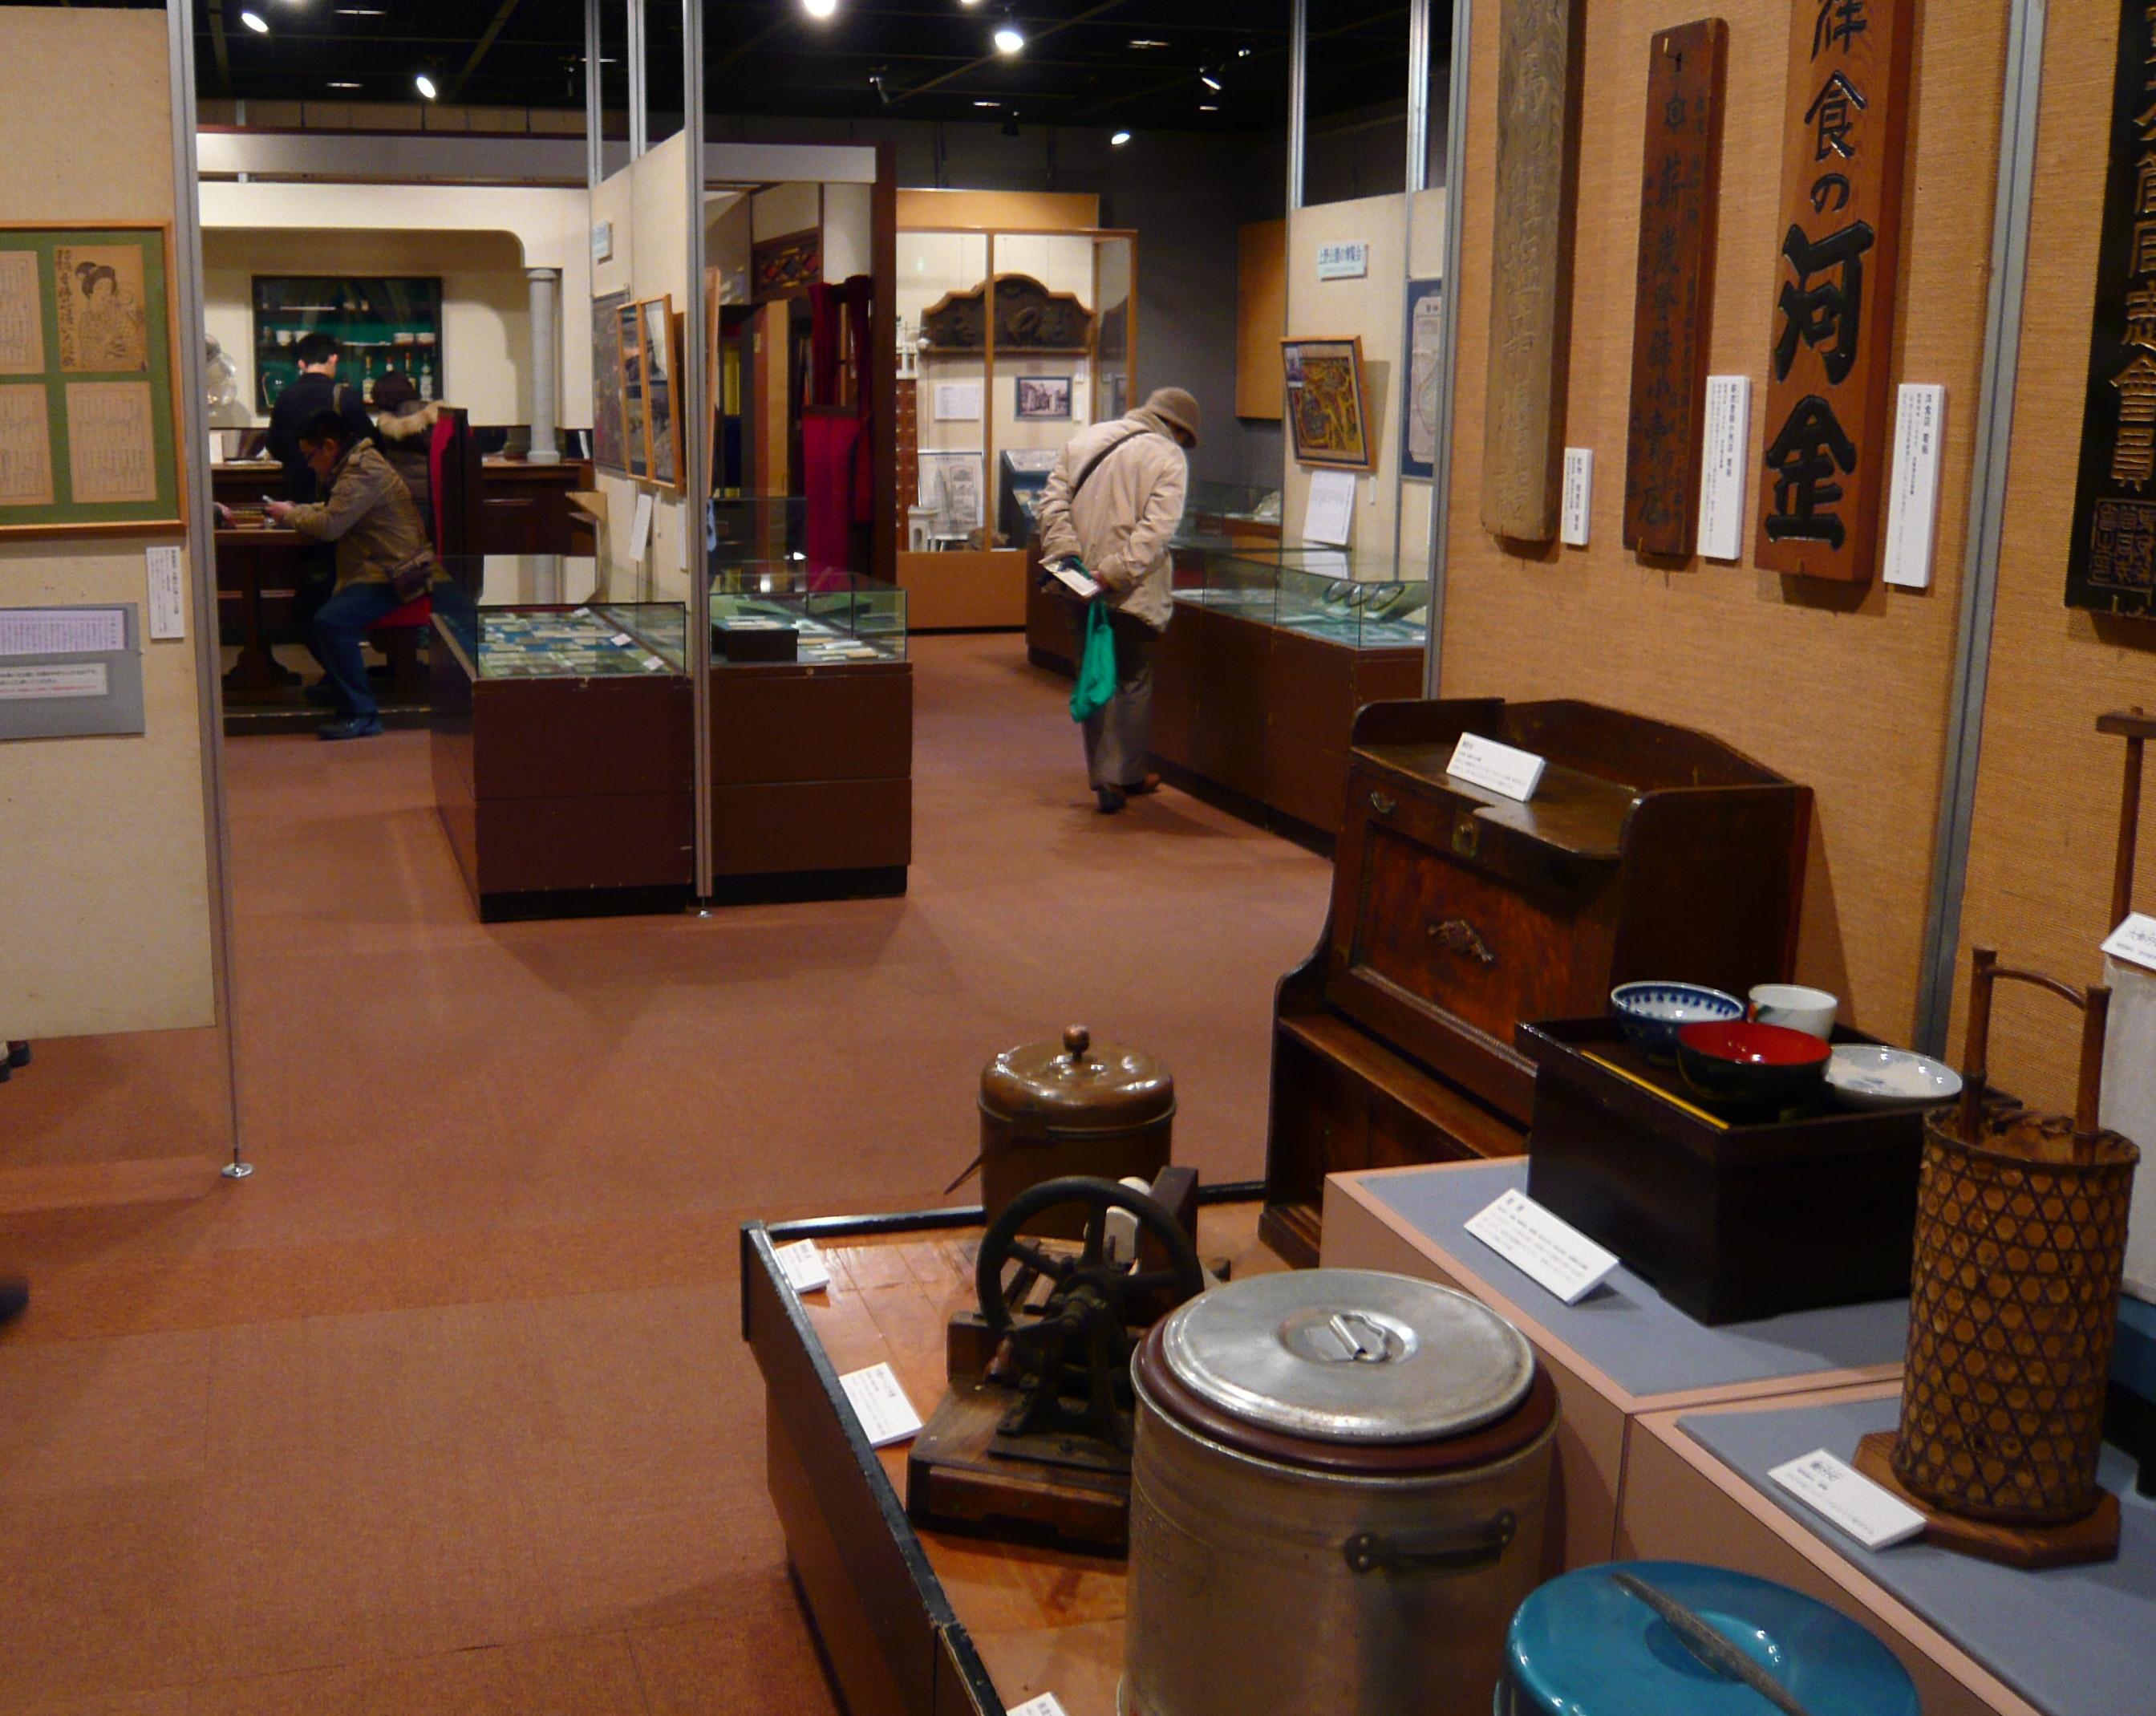 Shitamachi_museum-second_floor